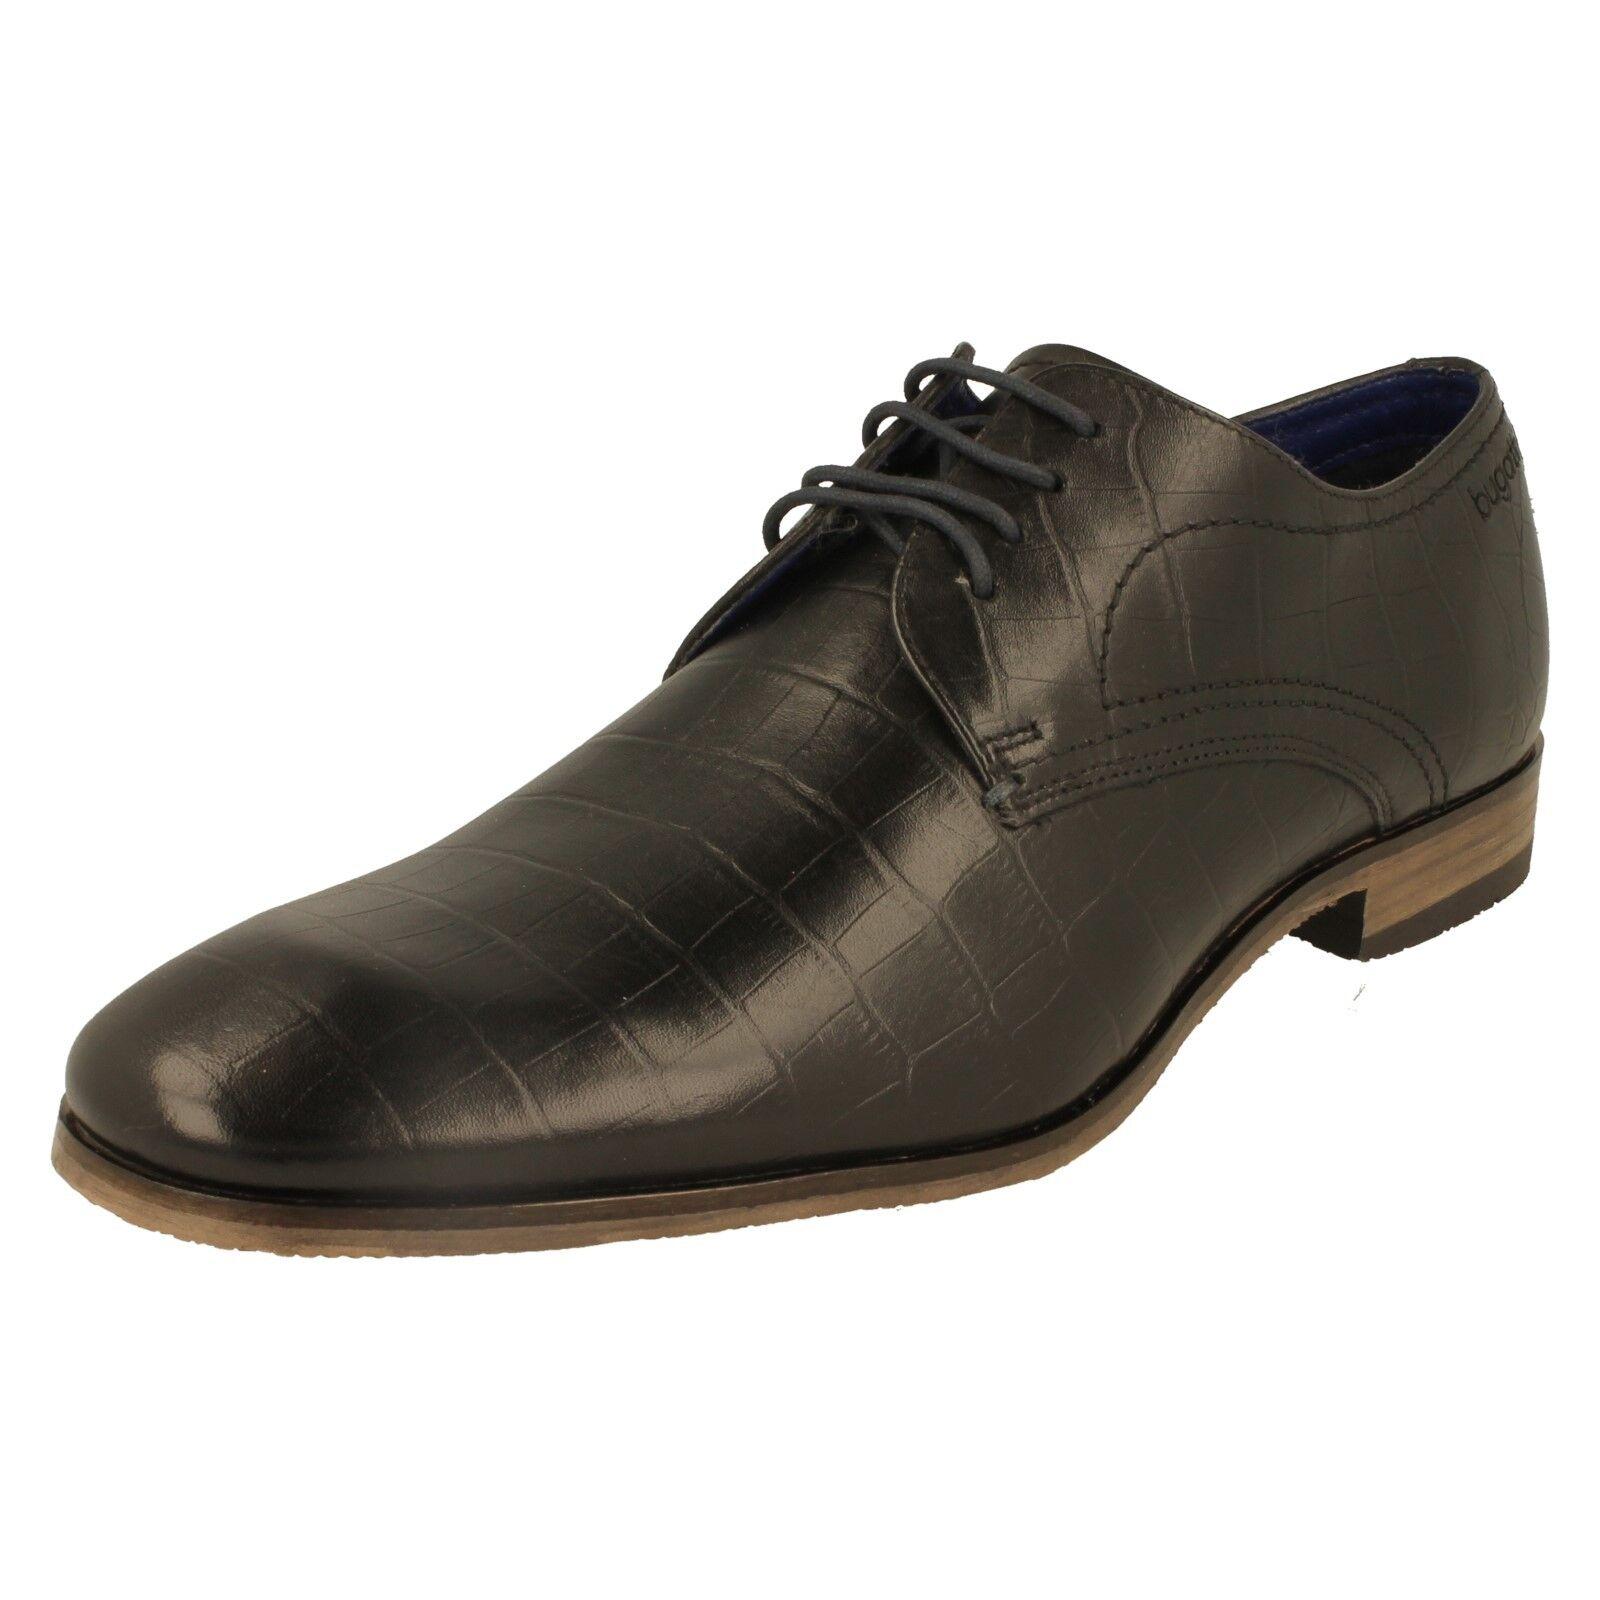 Herren Bugatti formelle zum Schnüren Schuhe - 312-10501